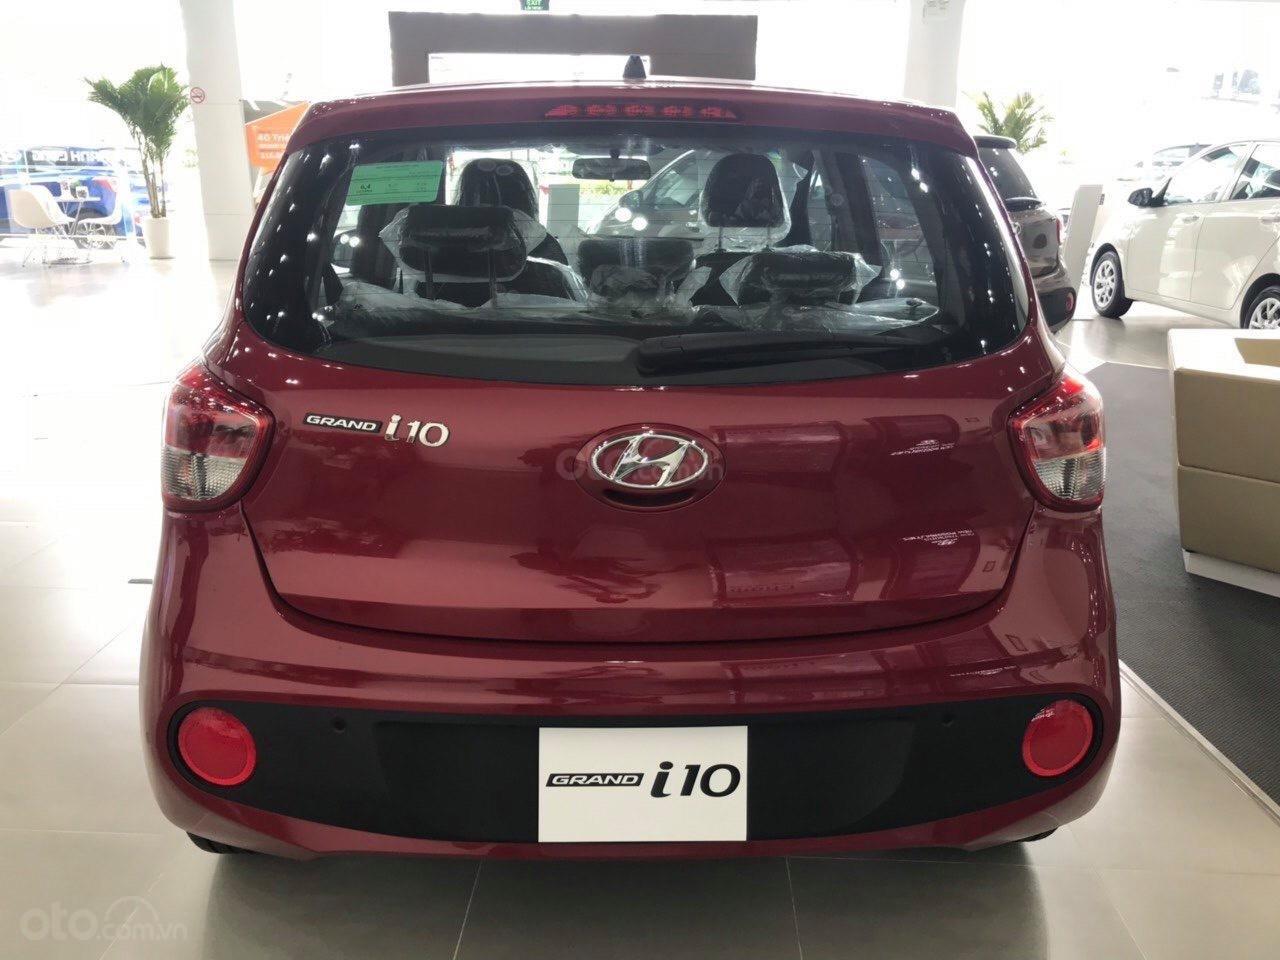 Bán Hyundai Grand i10 AT năm 2019, màu đỏ, tặng phụ kiện chính hãng cao cấp, có xe liền, hỗ trợ vay vốn ngân hàng (3)